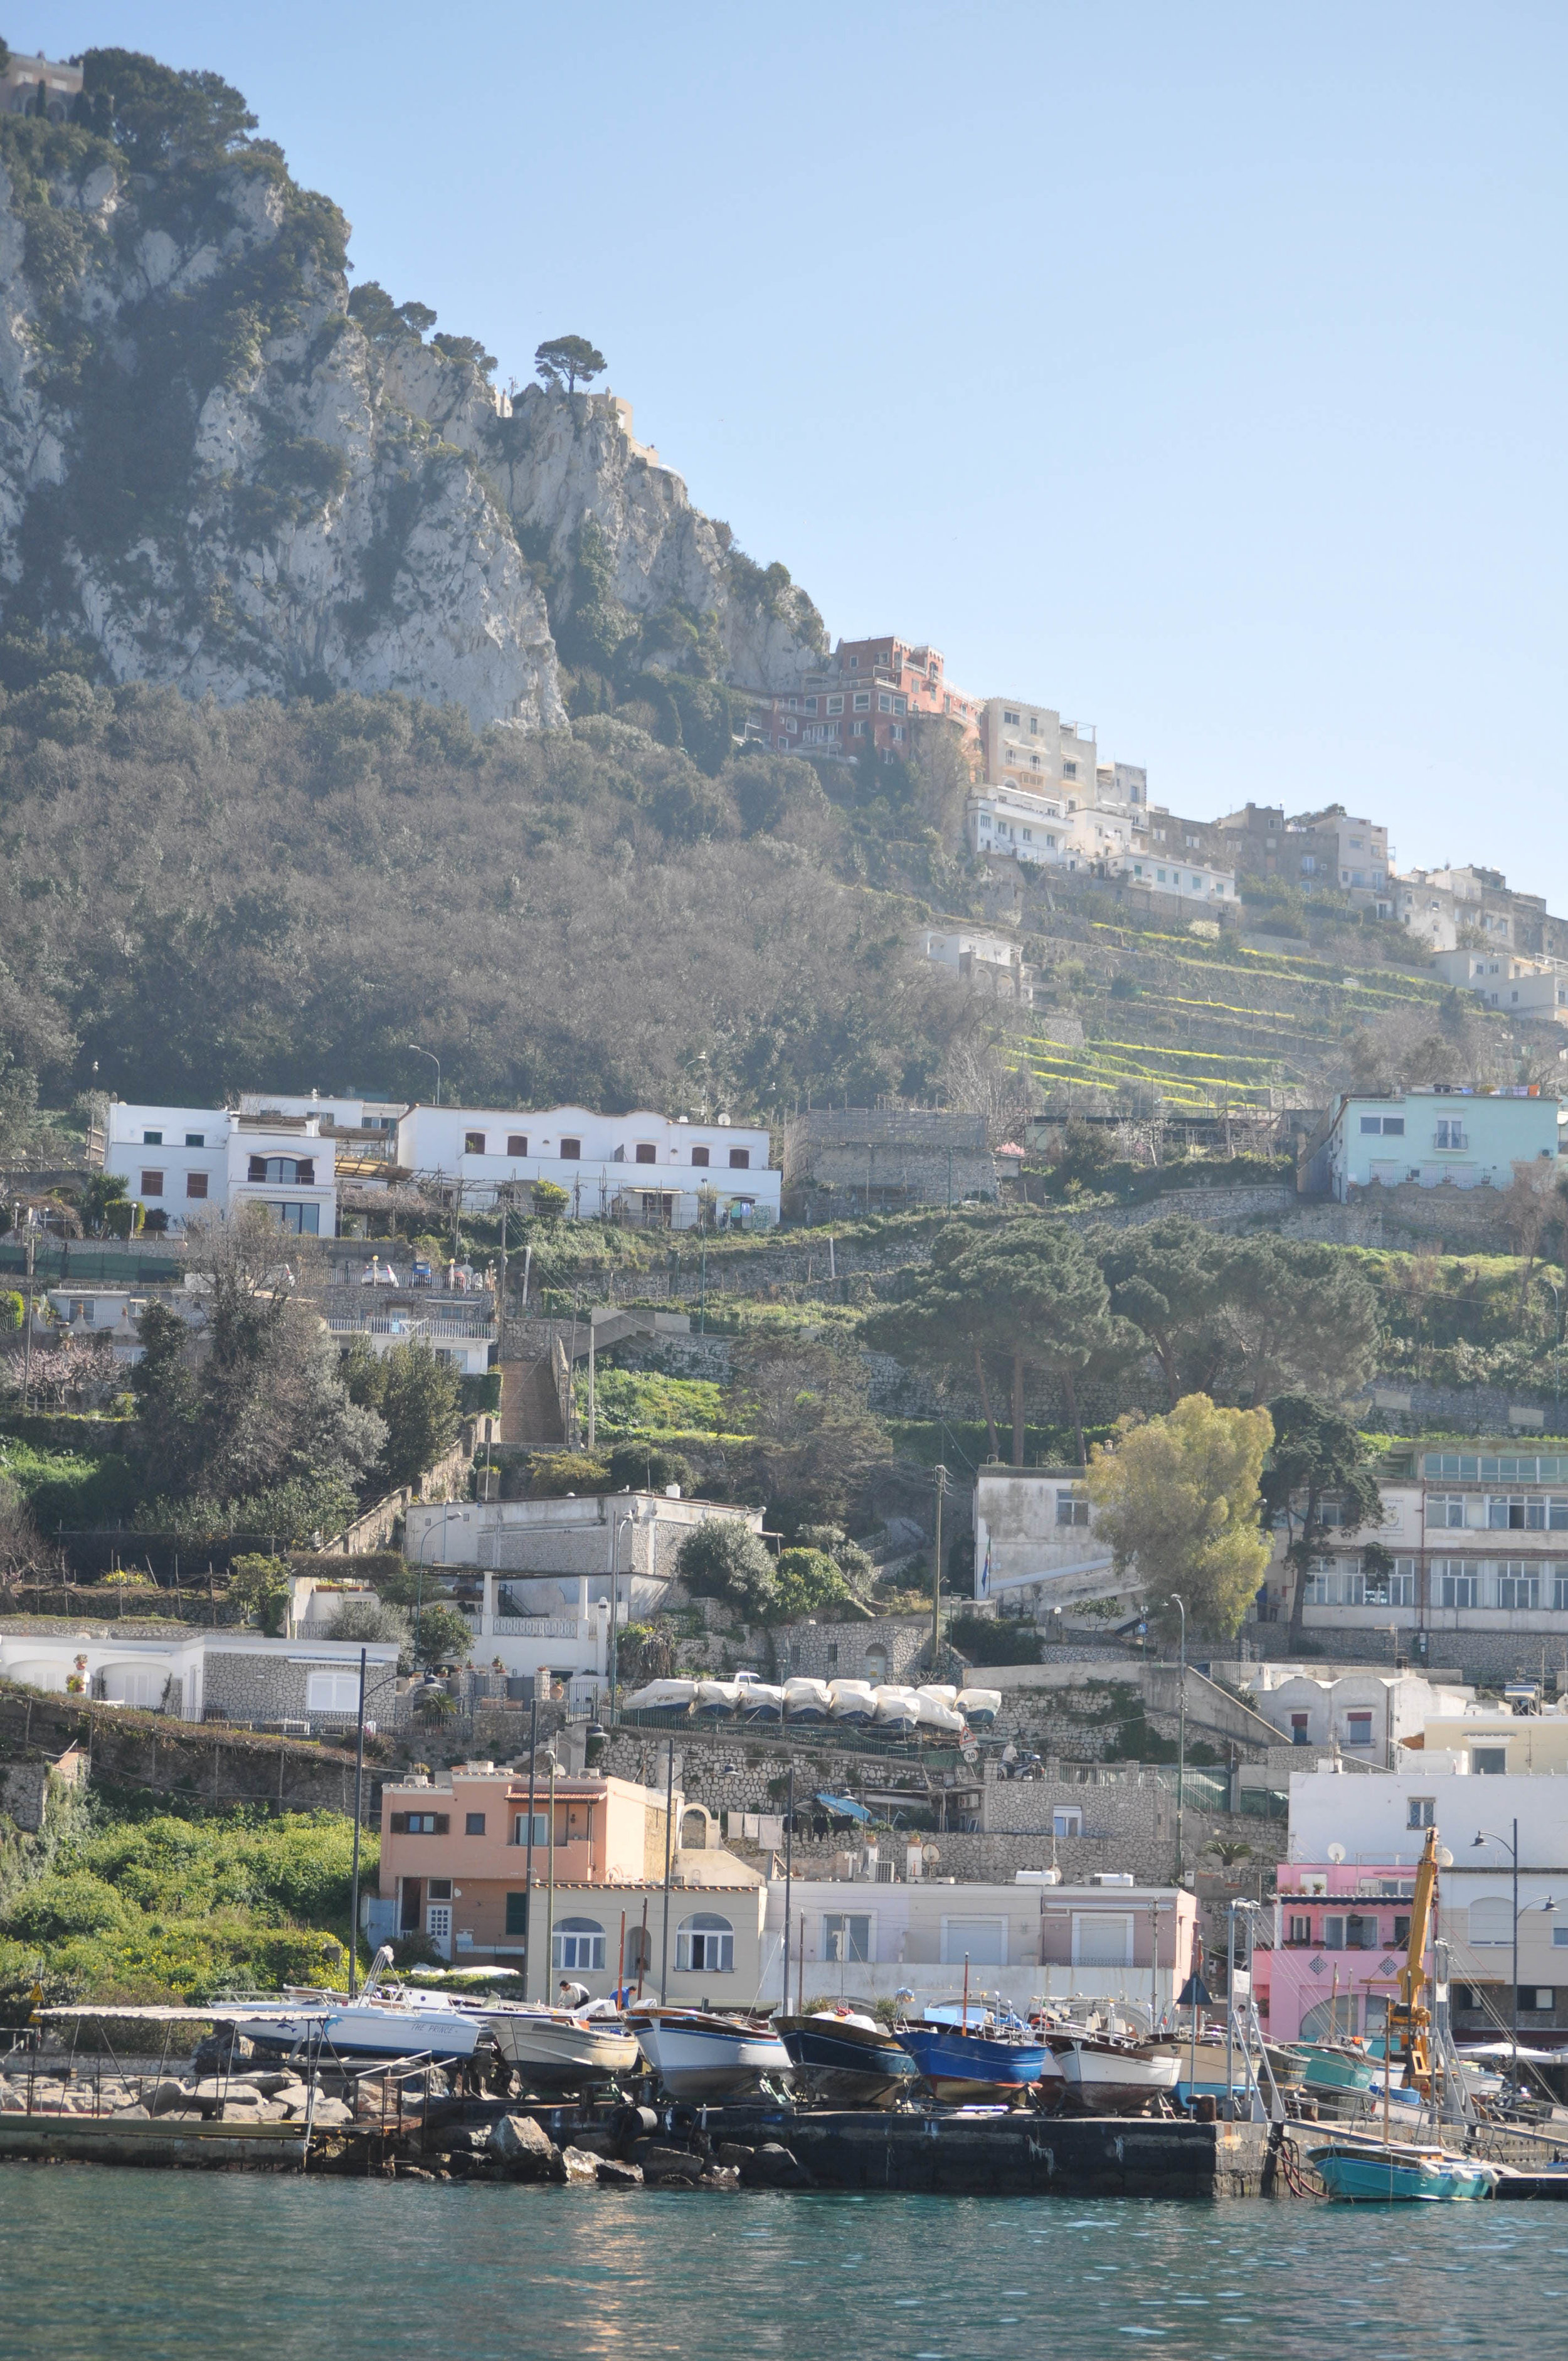 AmalfiCapriPompeii-15.jpg